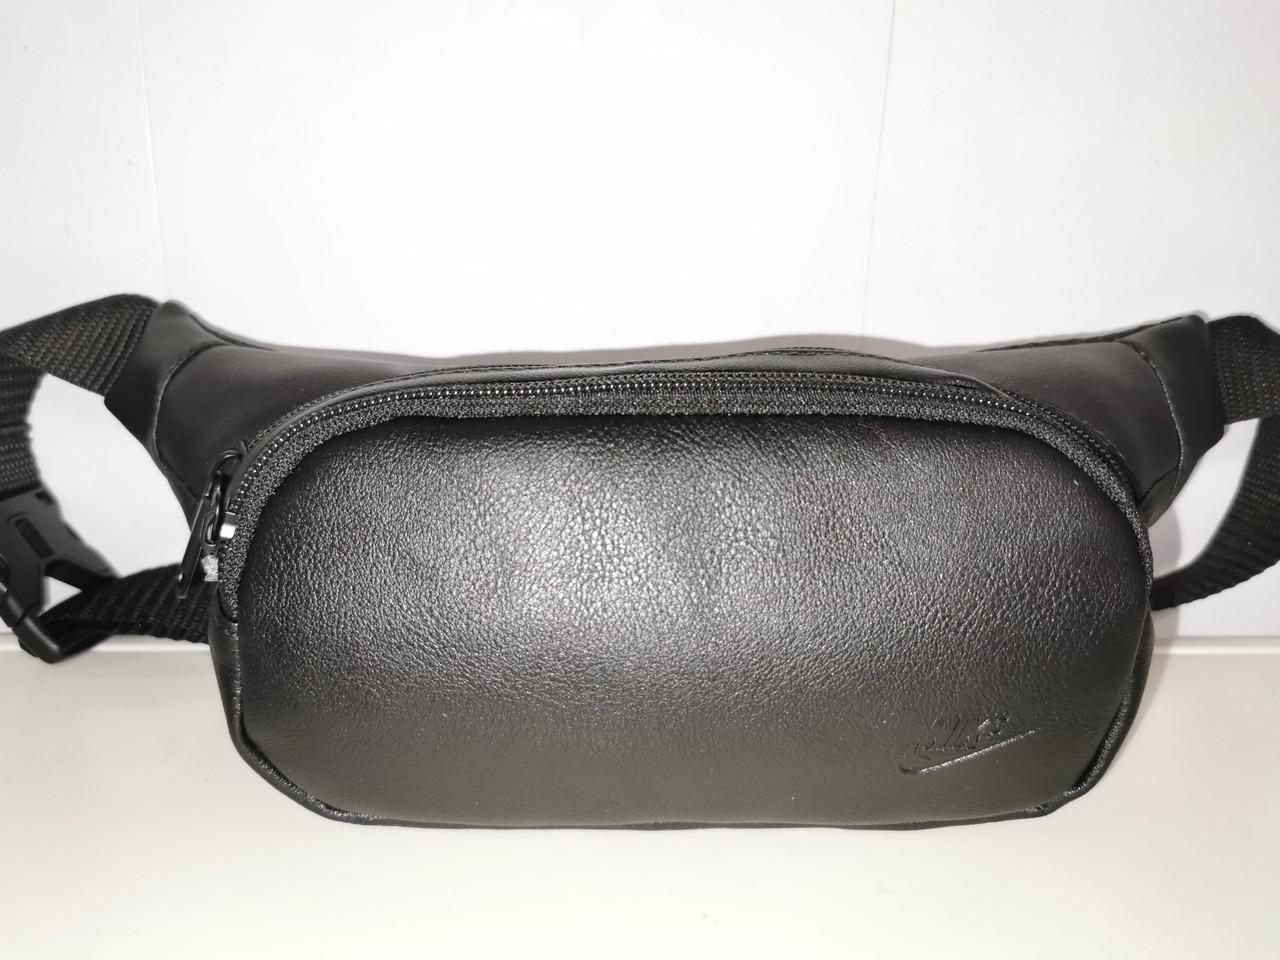 (маленький)Новый сумка на пояс nike искусств кожа Унисекс женский и мужские пояс Бананка городской спорт опт